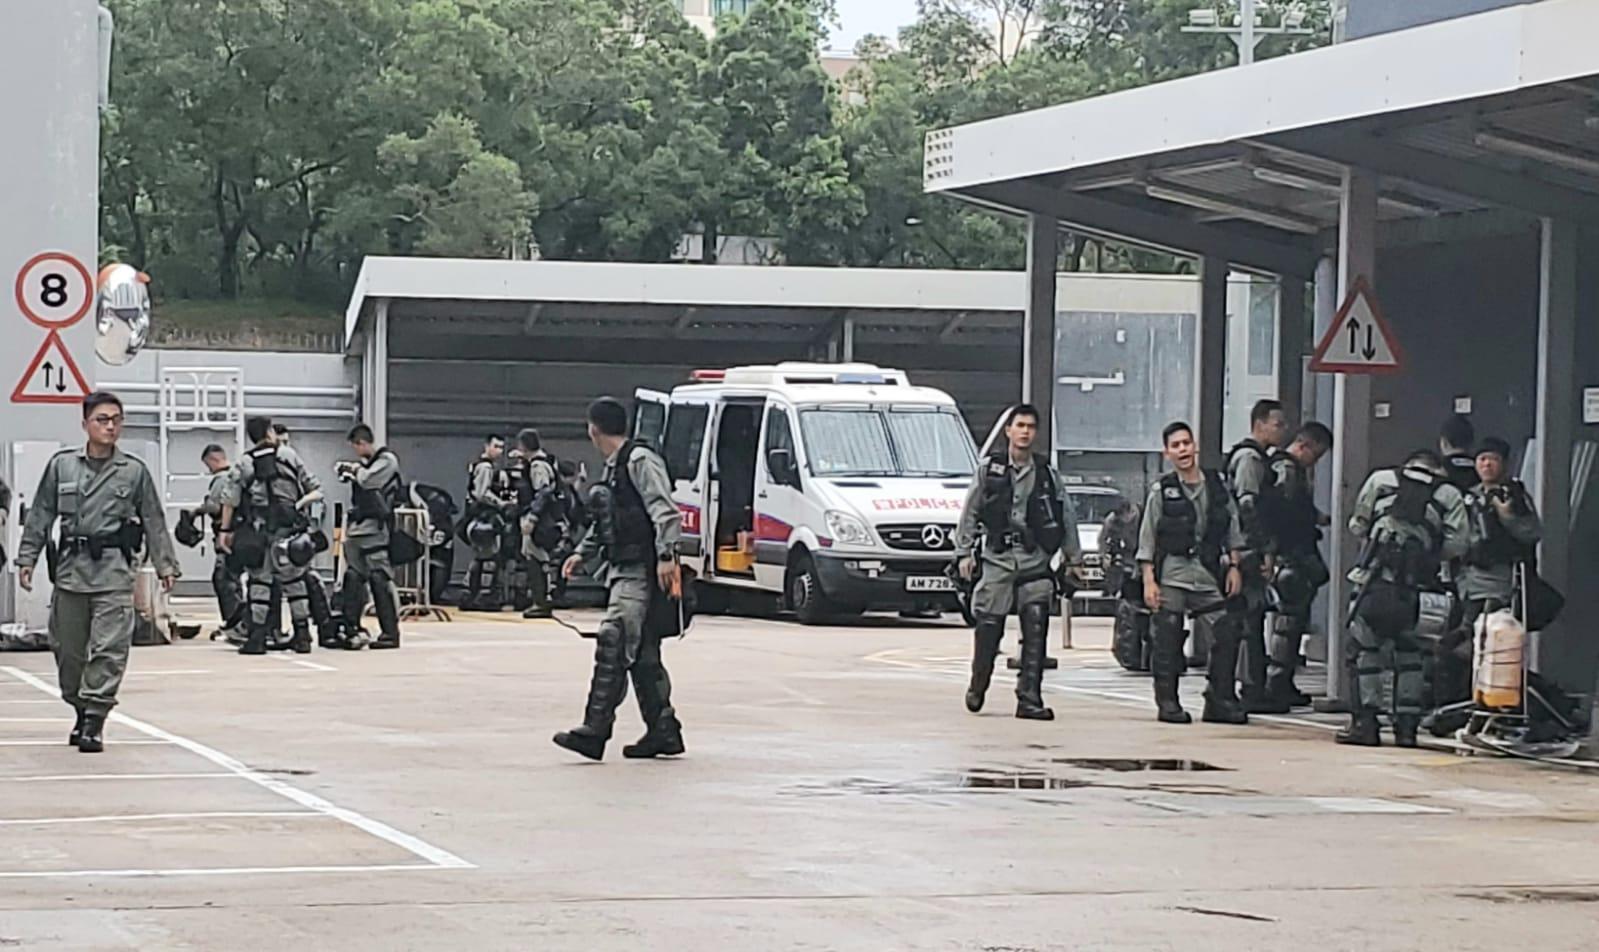 西九龍交通行動基地內有防暴警察戒備。